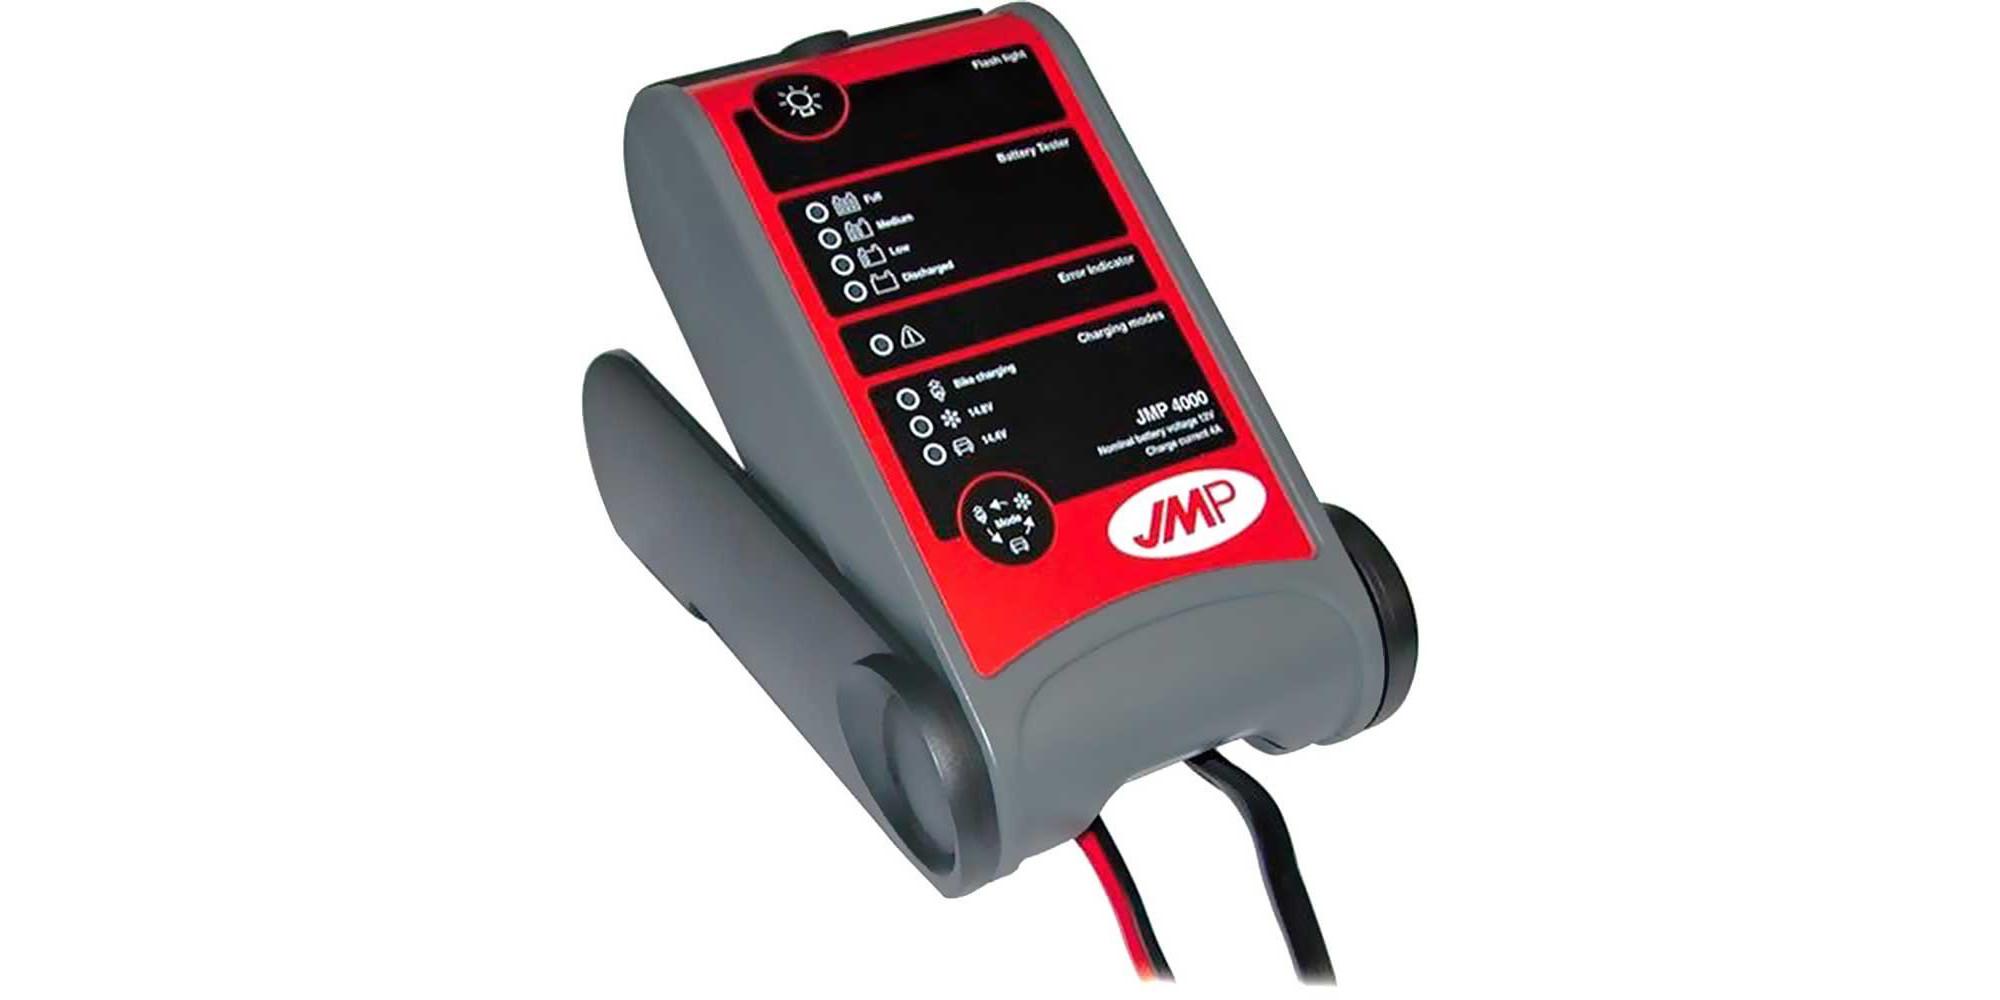 jmp 4000 autobatterie ladeger t test. Black Bedroom Furniture Sets. Home Design Ideas